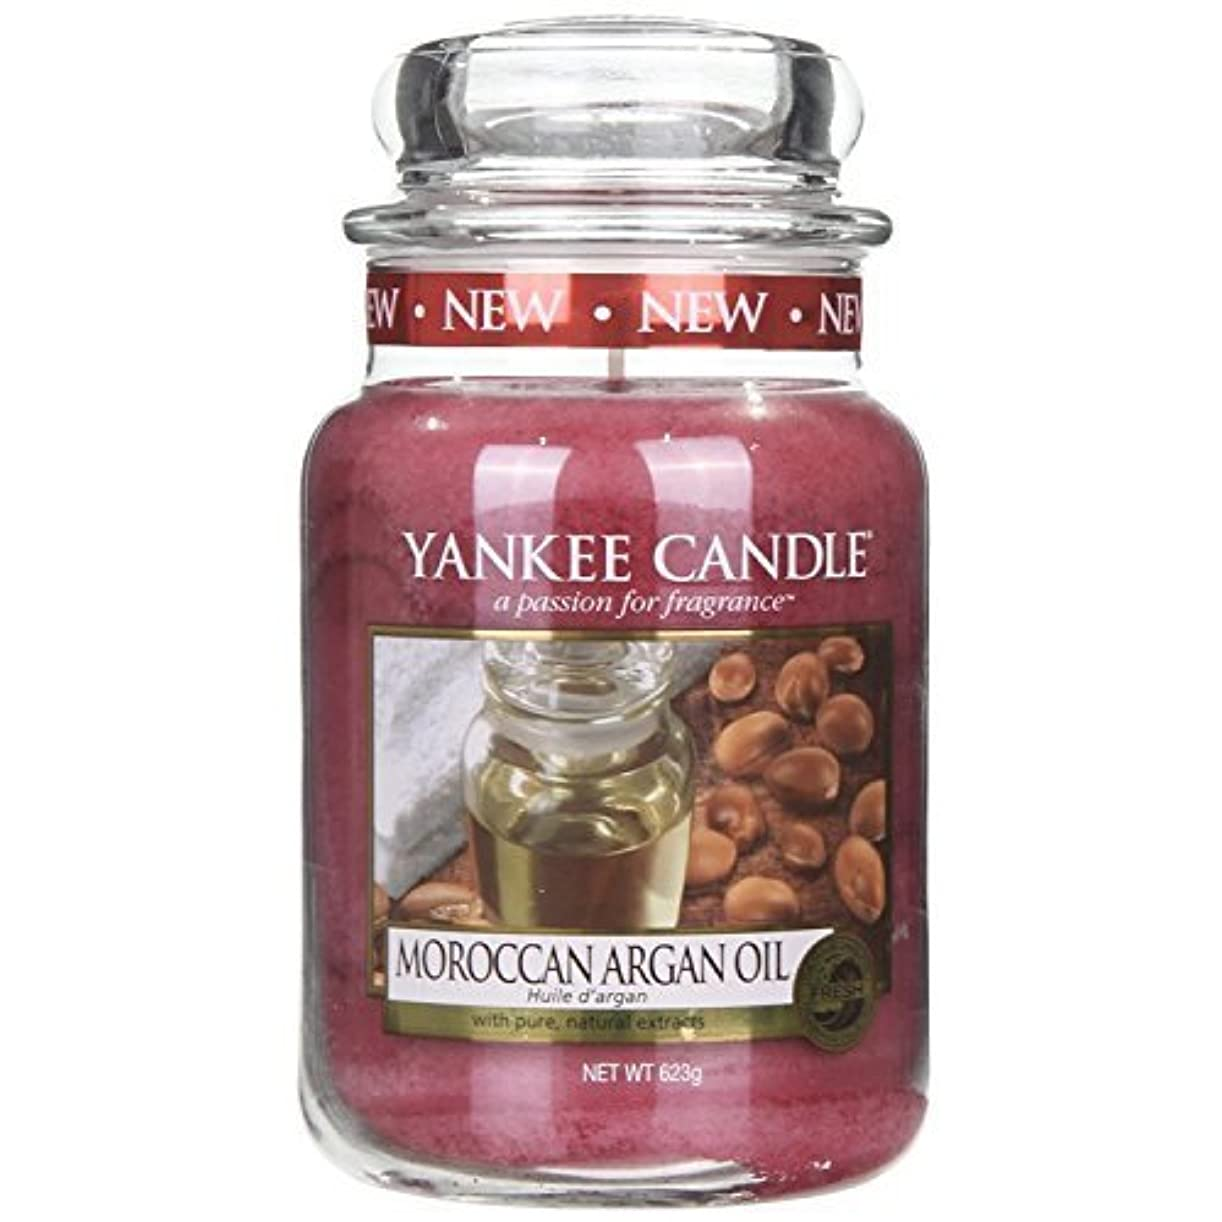 乙女円形スマートYankee Candle MOROCCAN ARGAN OIL 22oz Large Jar Candle - UK Exclusive by Yankee Candle [並行輸入品]